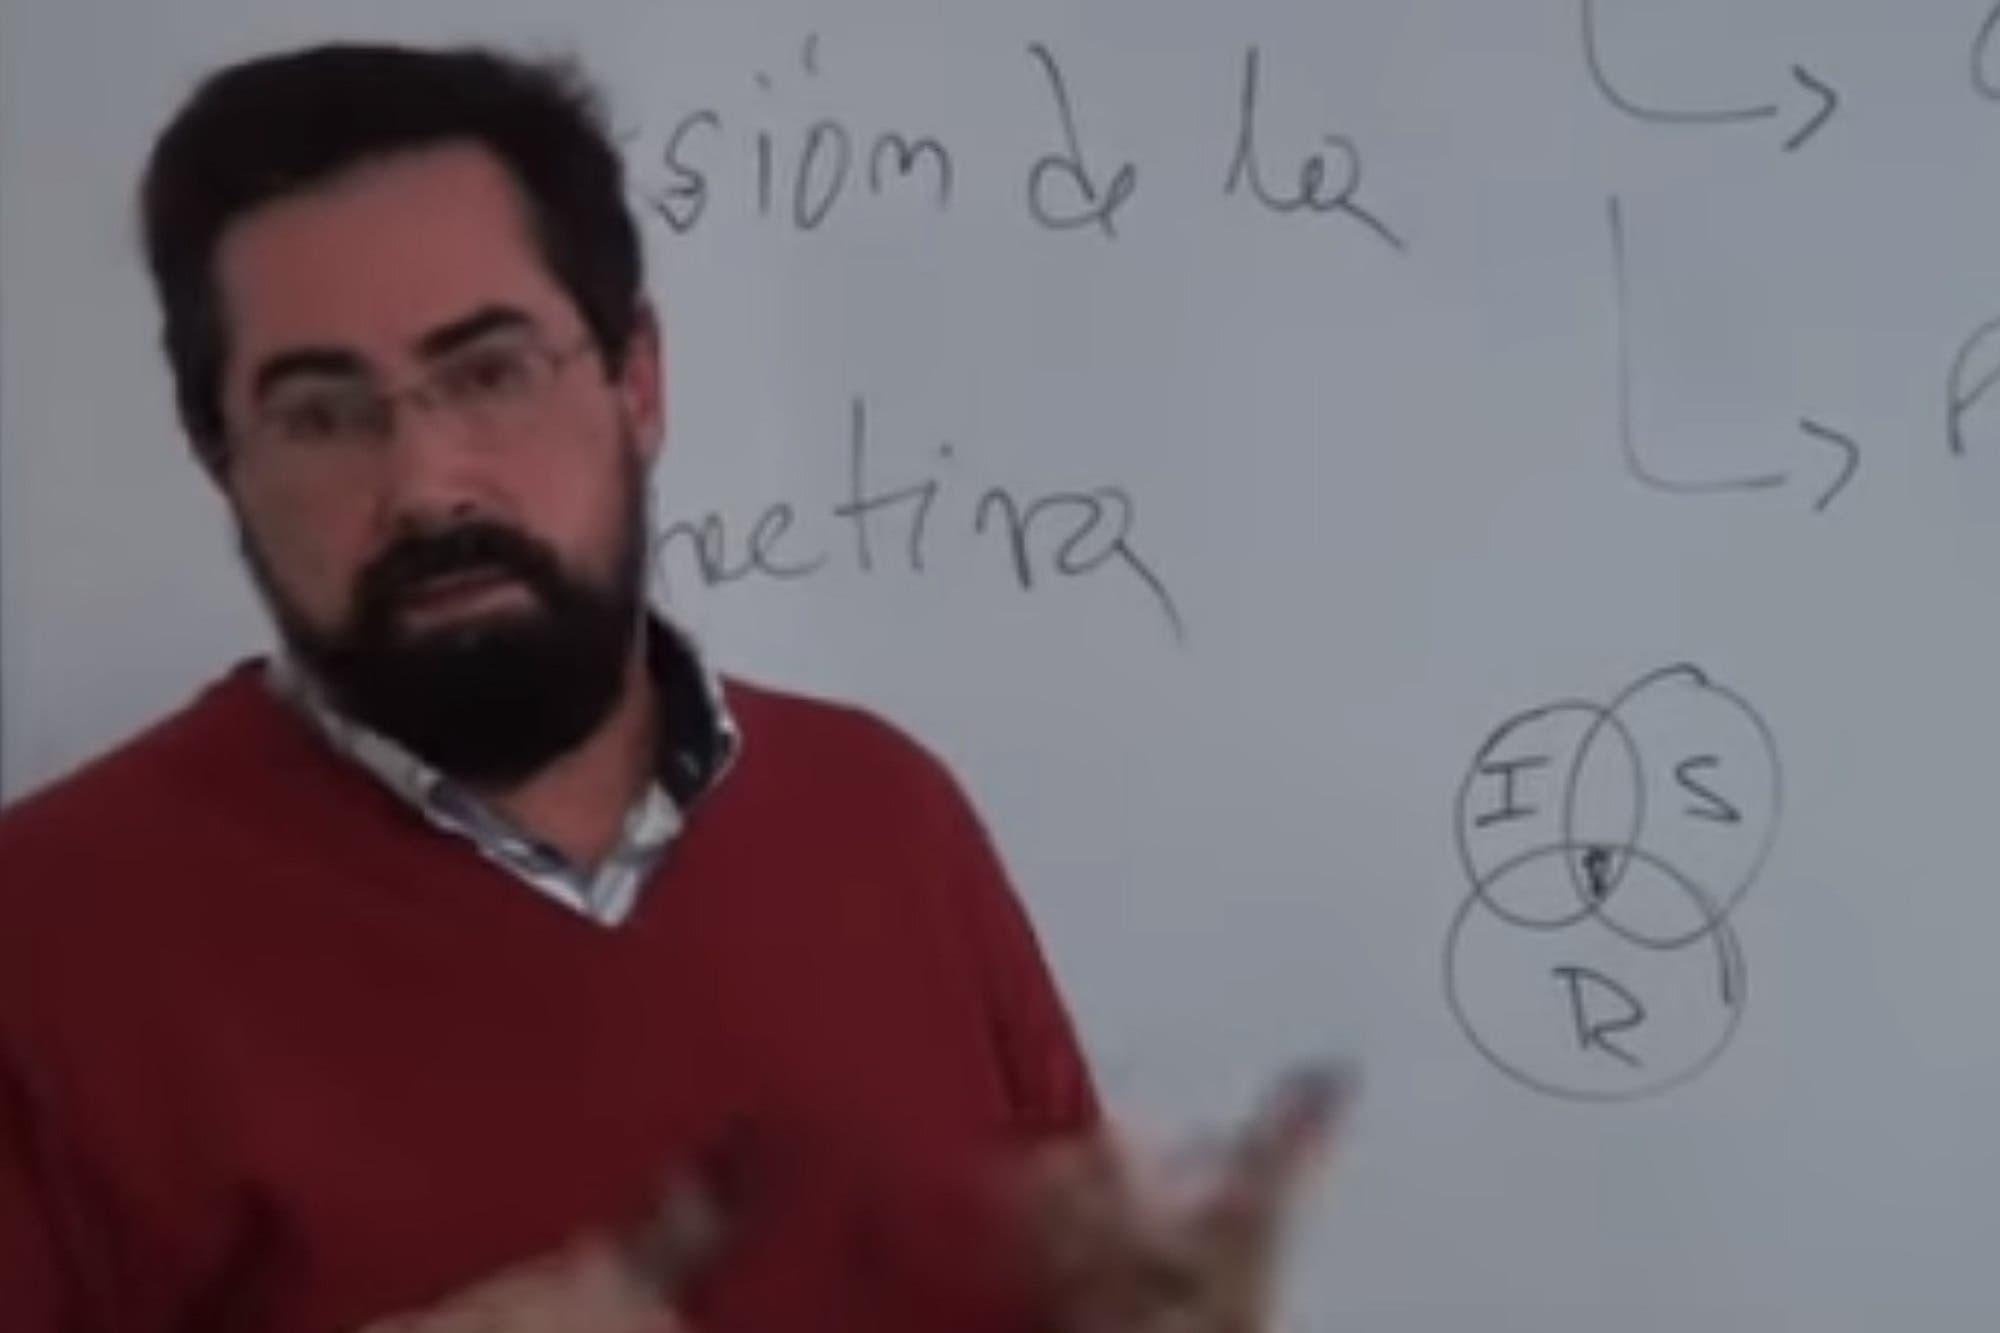 Escándalo en Córdoba: un psicólogo fue detenido por coerción y denunciado por trata de personas